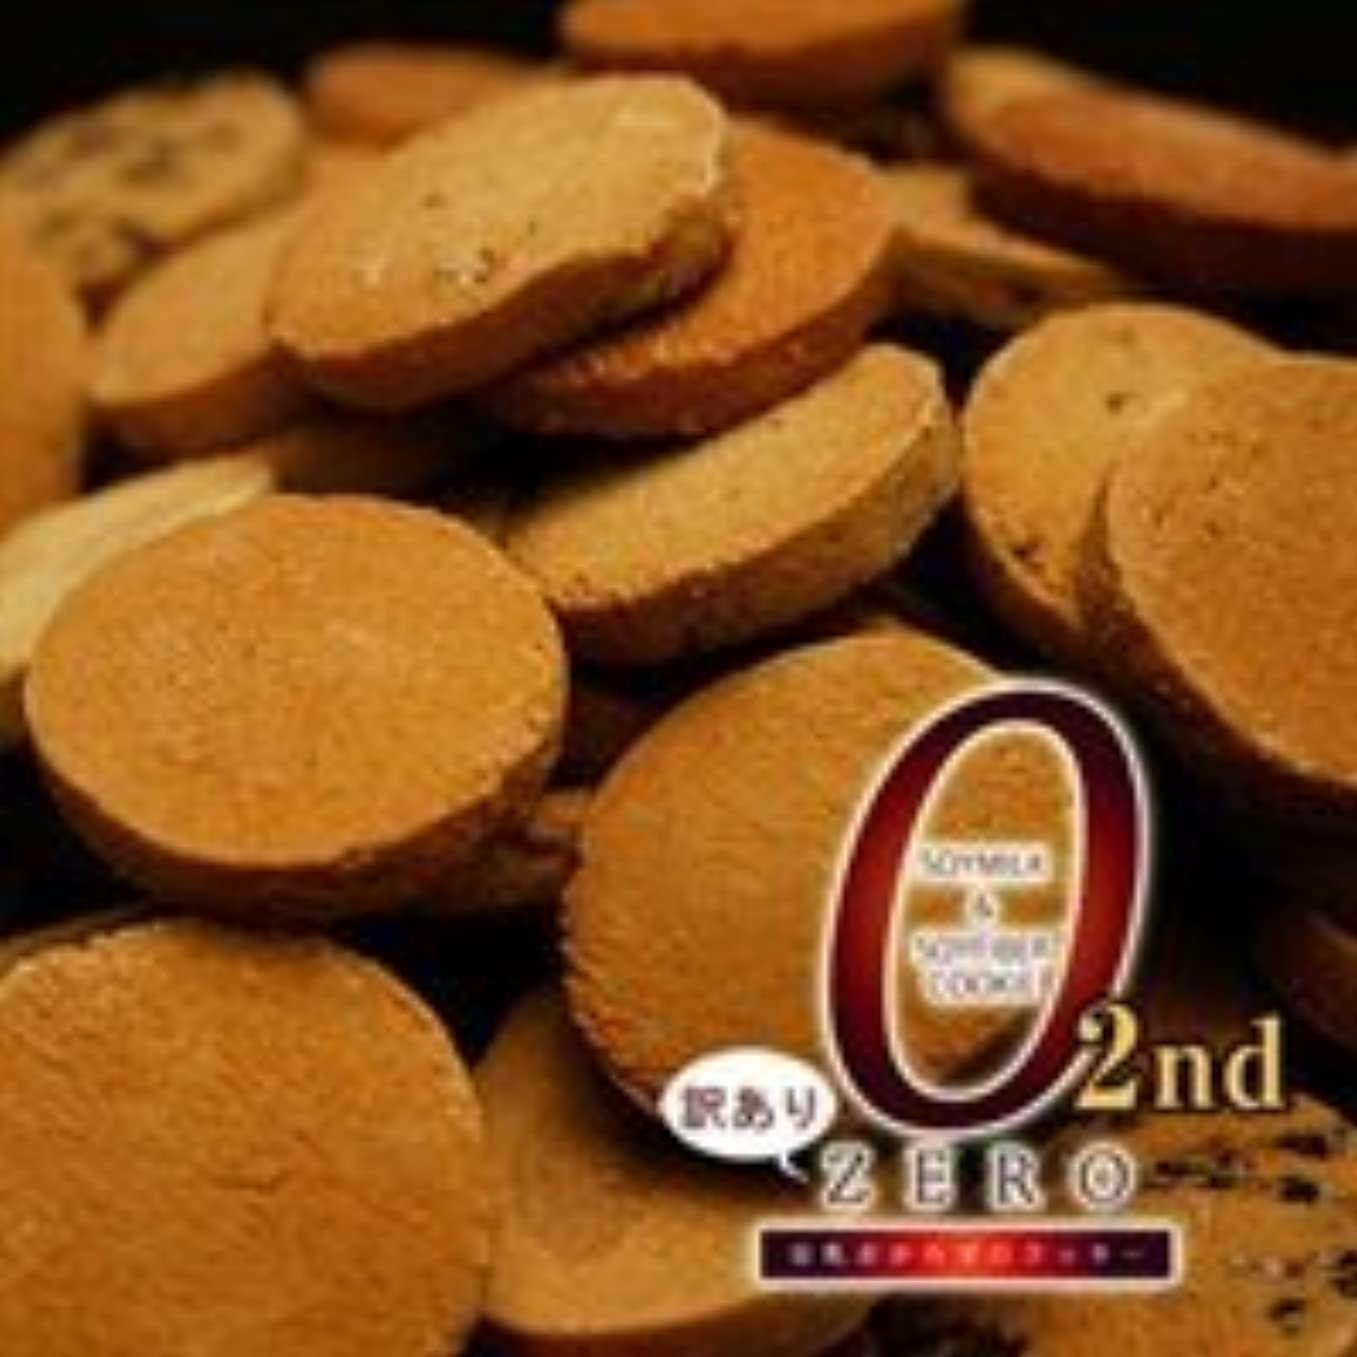 排泄するマティス少なくとも蒲屋忠兵衛商店 訳あり豆乳おからゼロクッキー 2nd 1kg(250g×4袋)